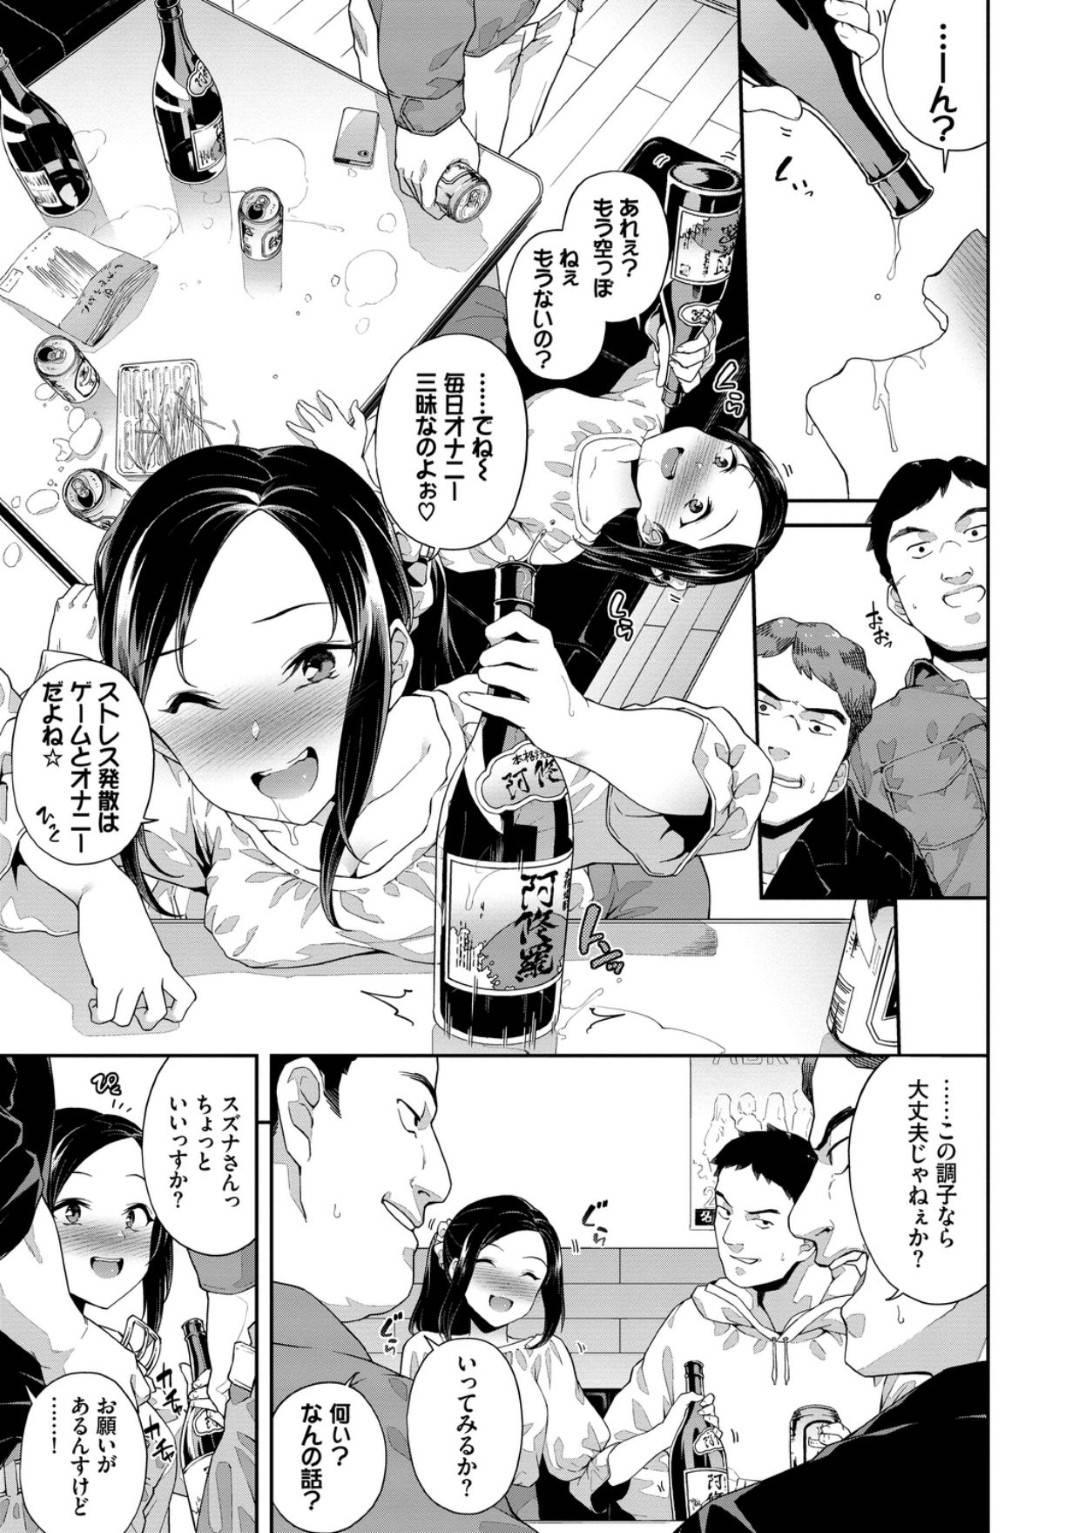 【輪姦エロ漫画】女はオフ会でネカマ達に会うと酔っ払いフェラや輪姦中出しセックスで犯されアクメする【そら豆さん】